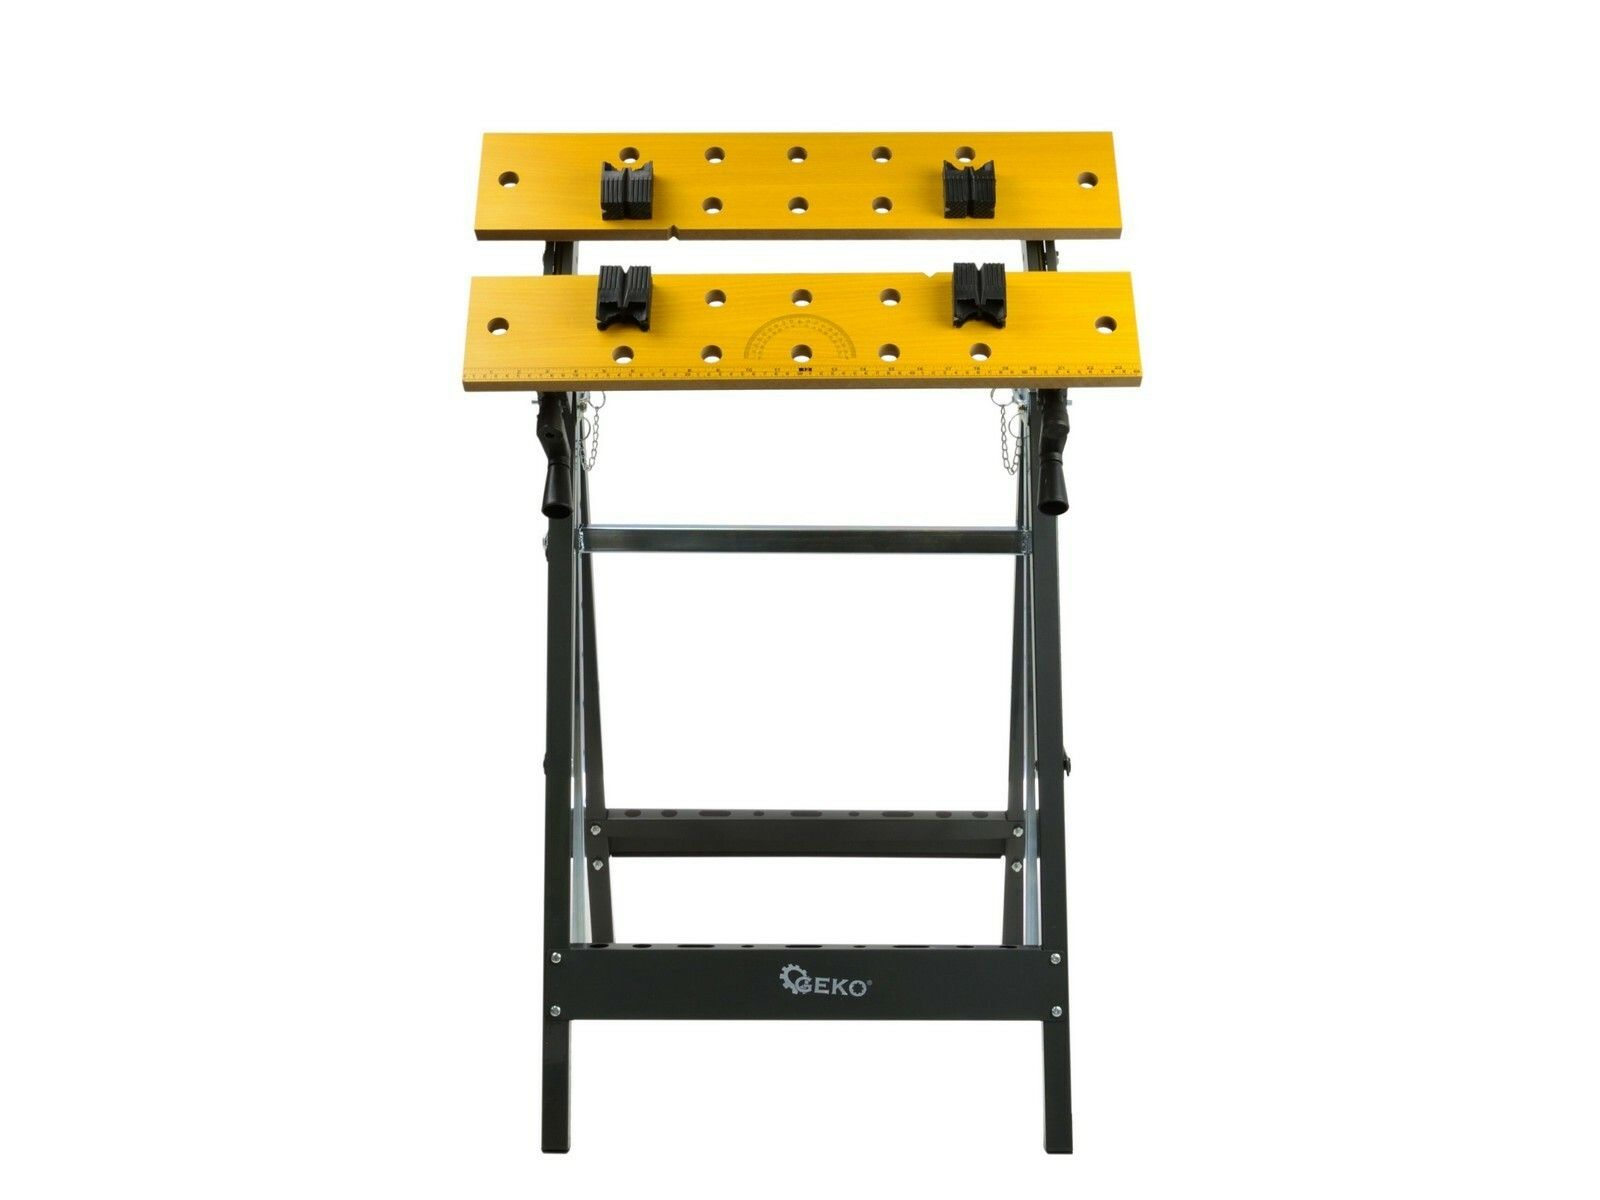 Pracovní stůl, nastavitelný, nosnost 100kg GEKO